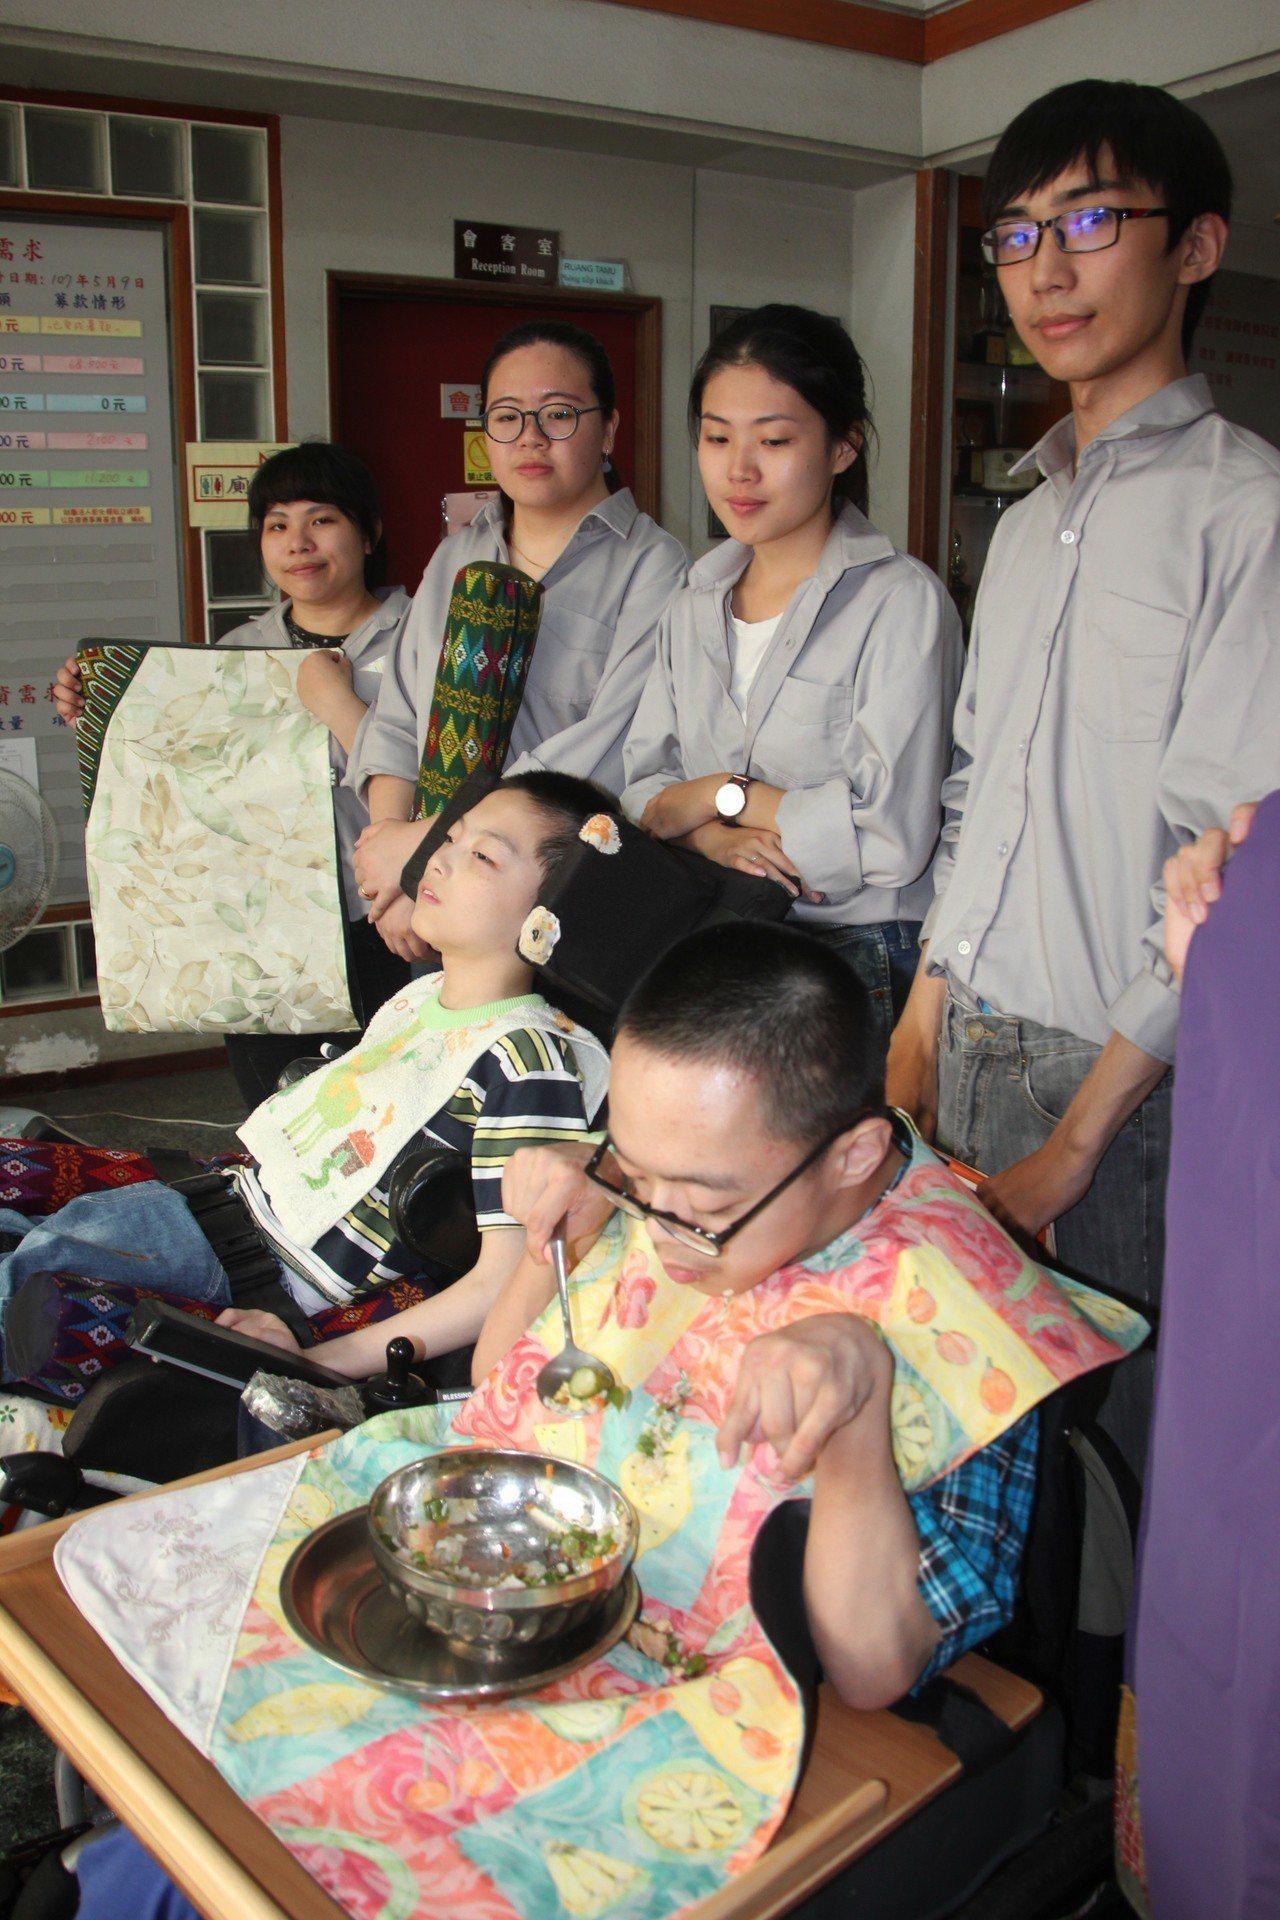 建國科技大學商業設計系學生為教養院身心障礙生設計特殊超大圍兜,希望讓院生更合用。...